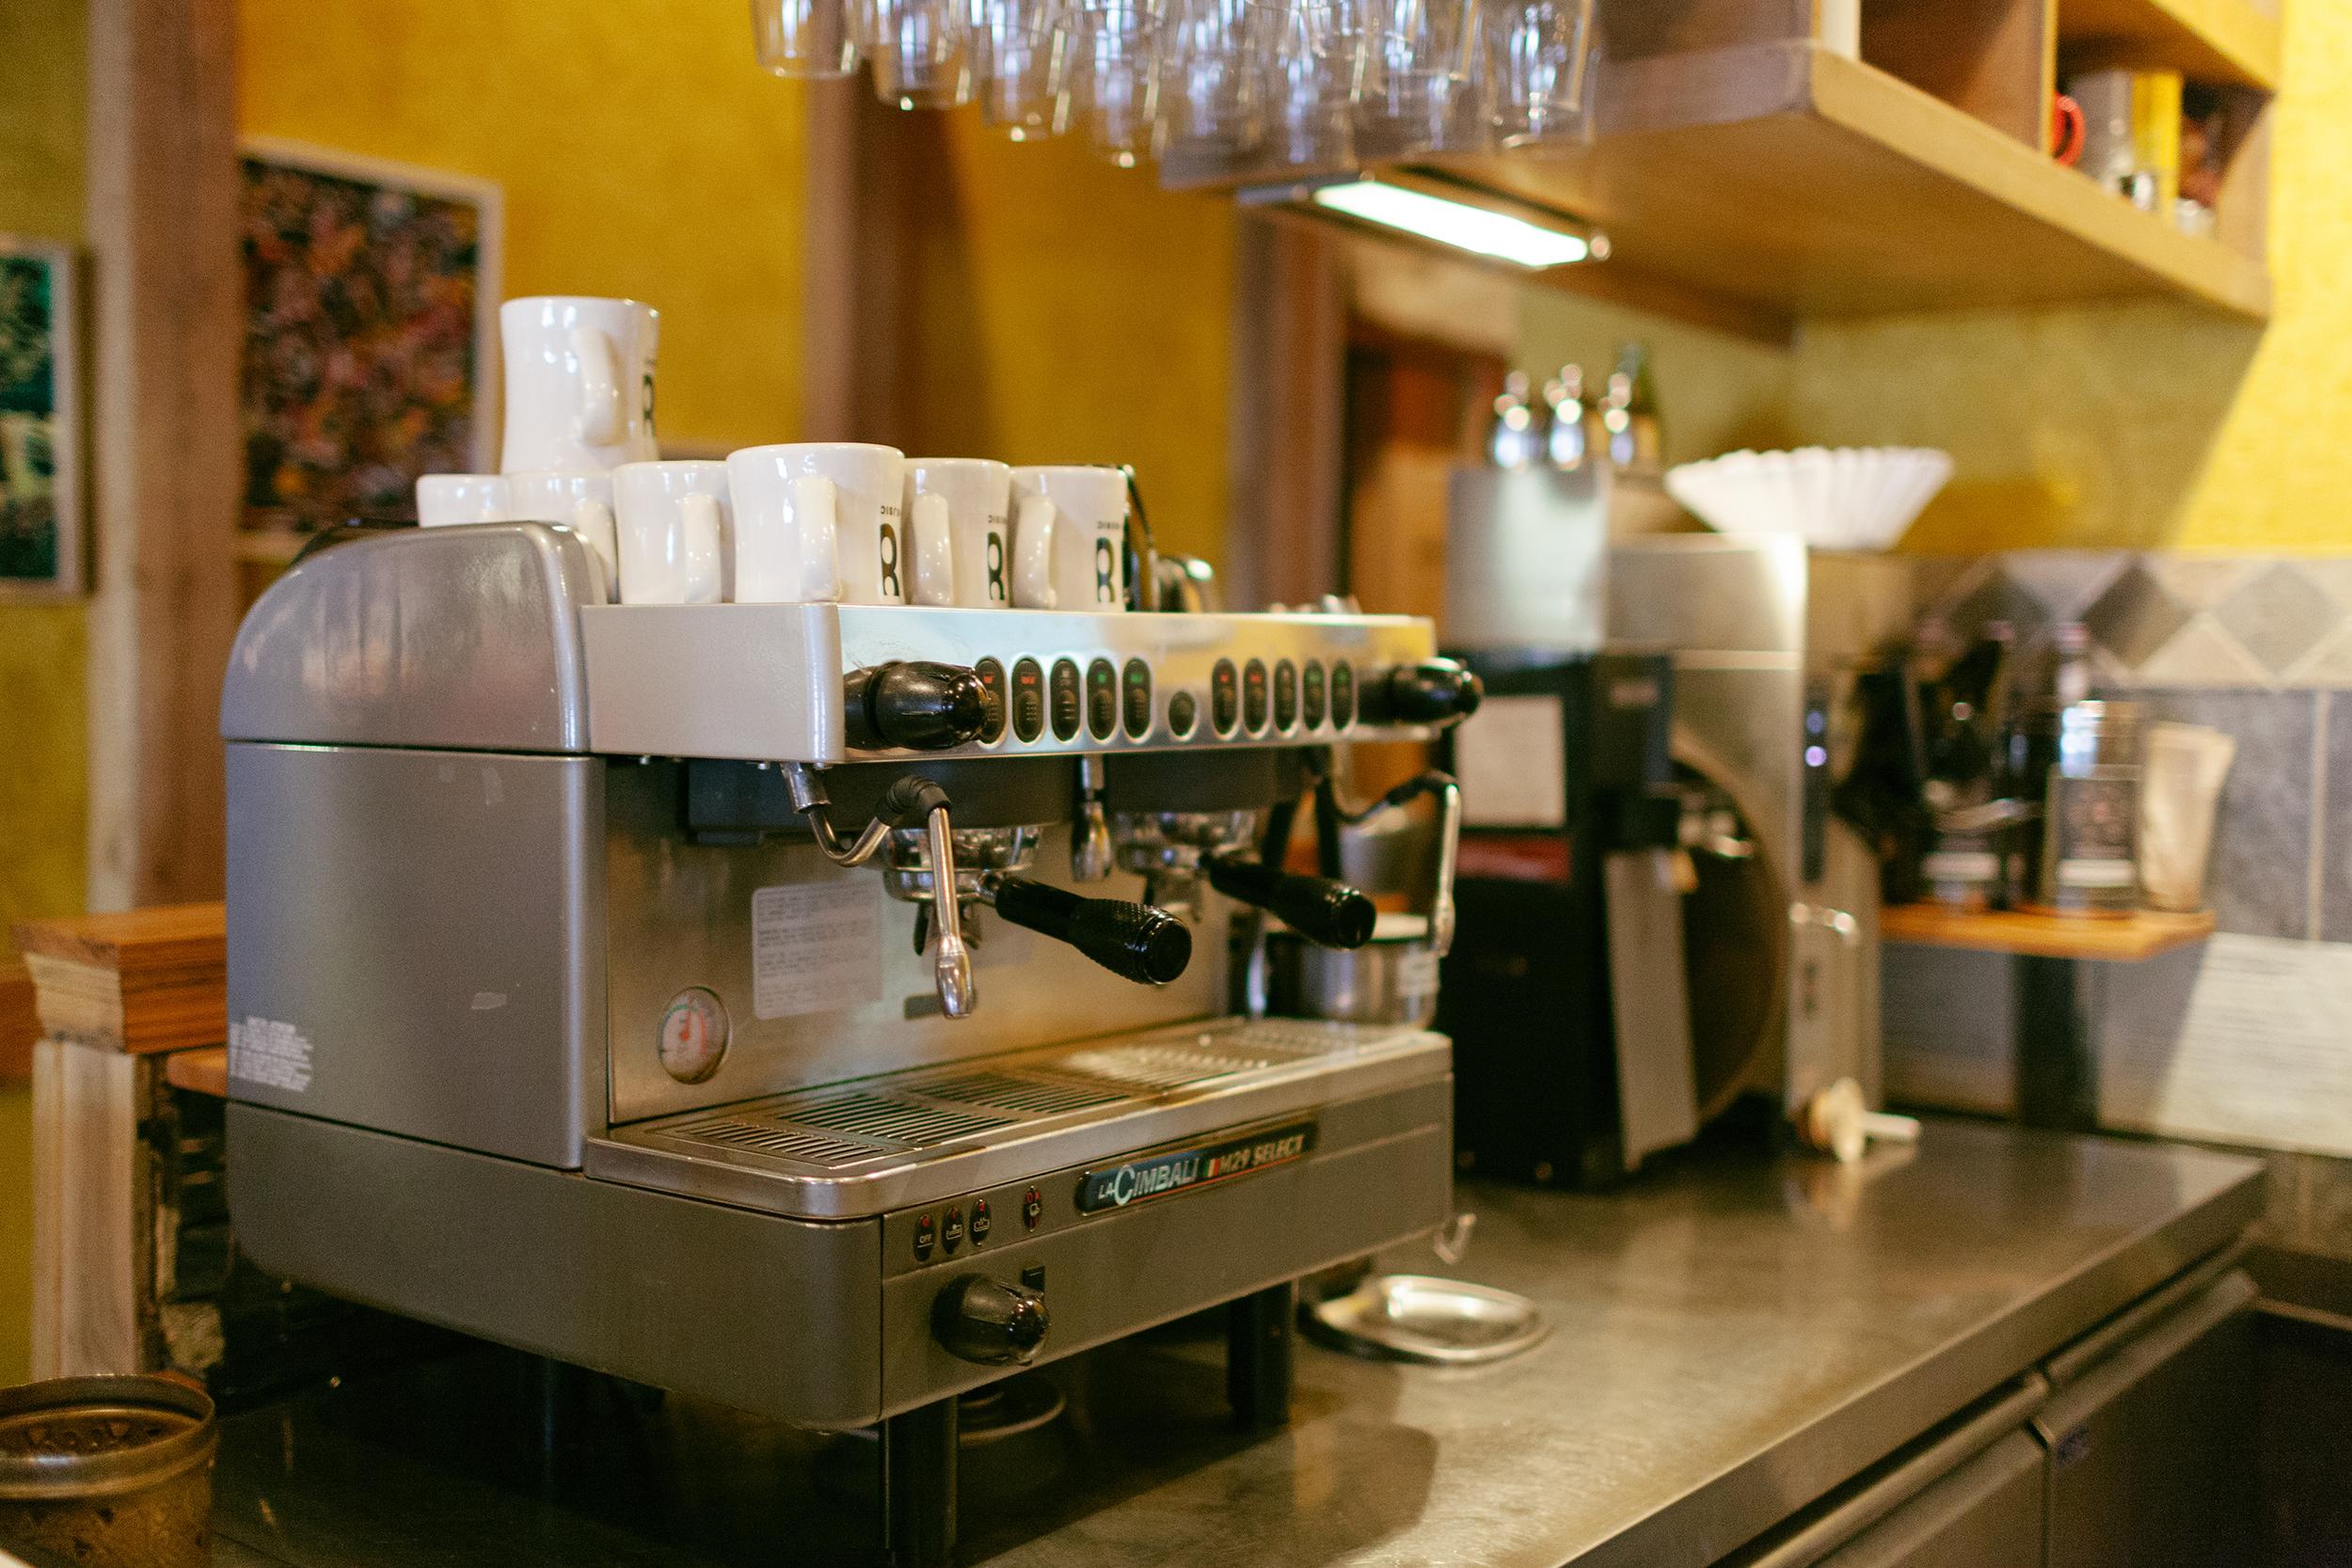 318-food-music-cafe-Excelsior-44.jpg